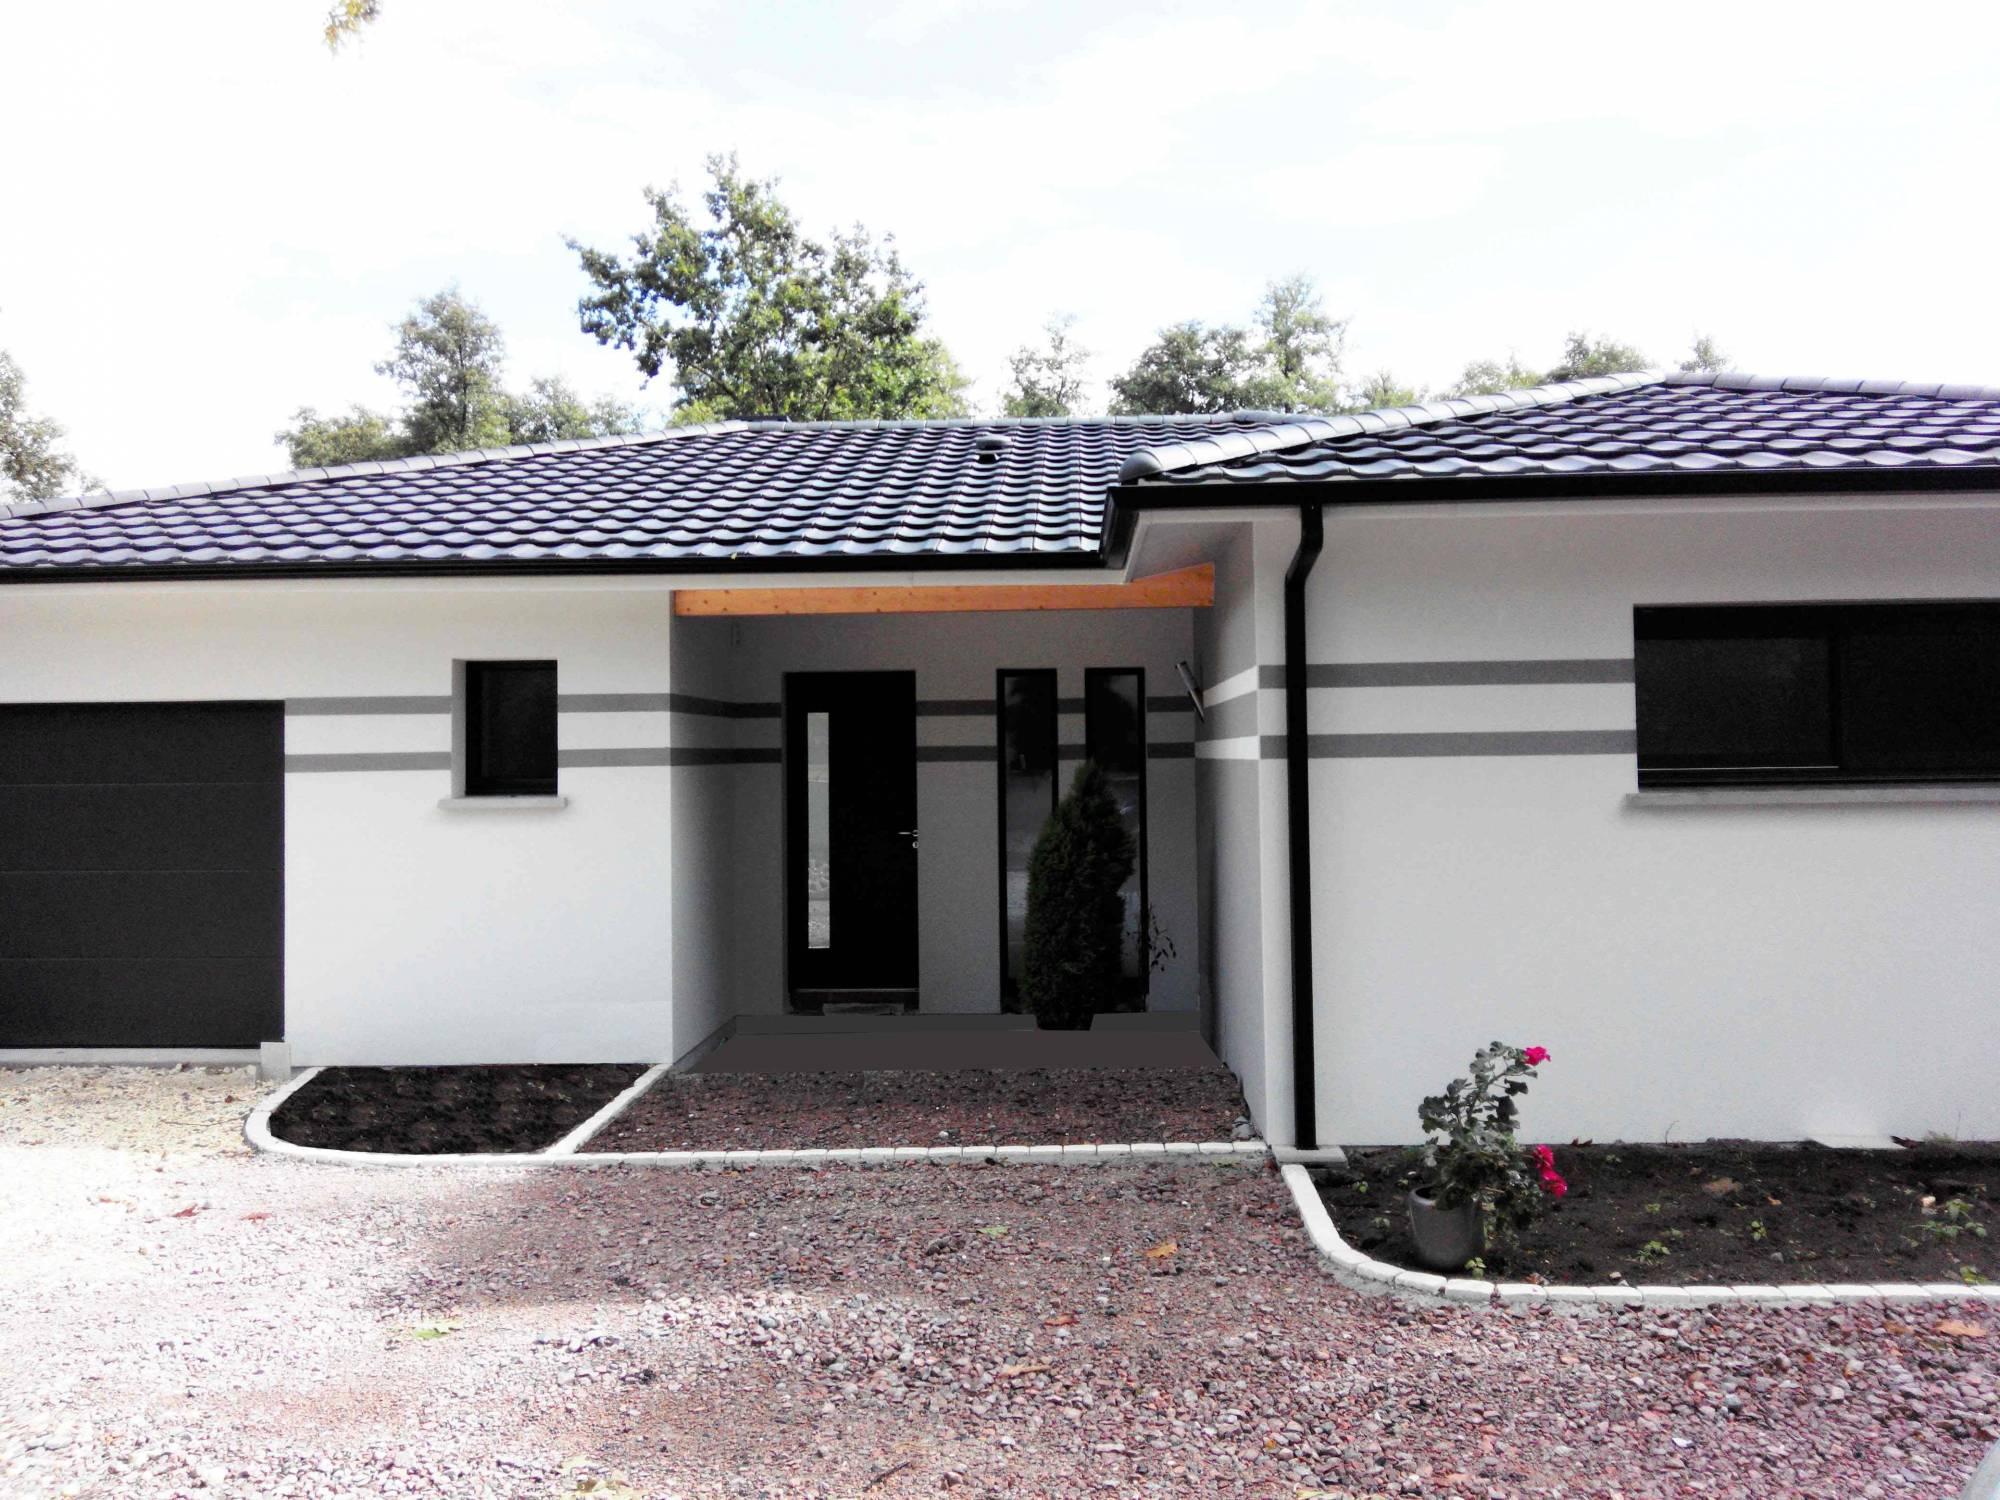 Prix construction maison haut de gamme langon immo for Constructeur maison langon